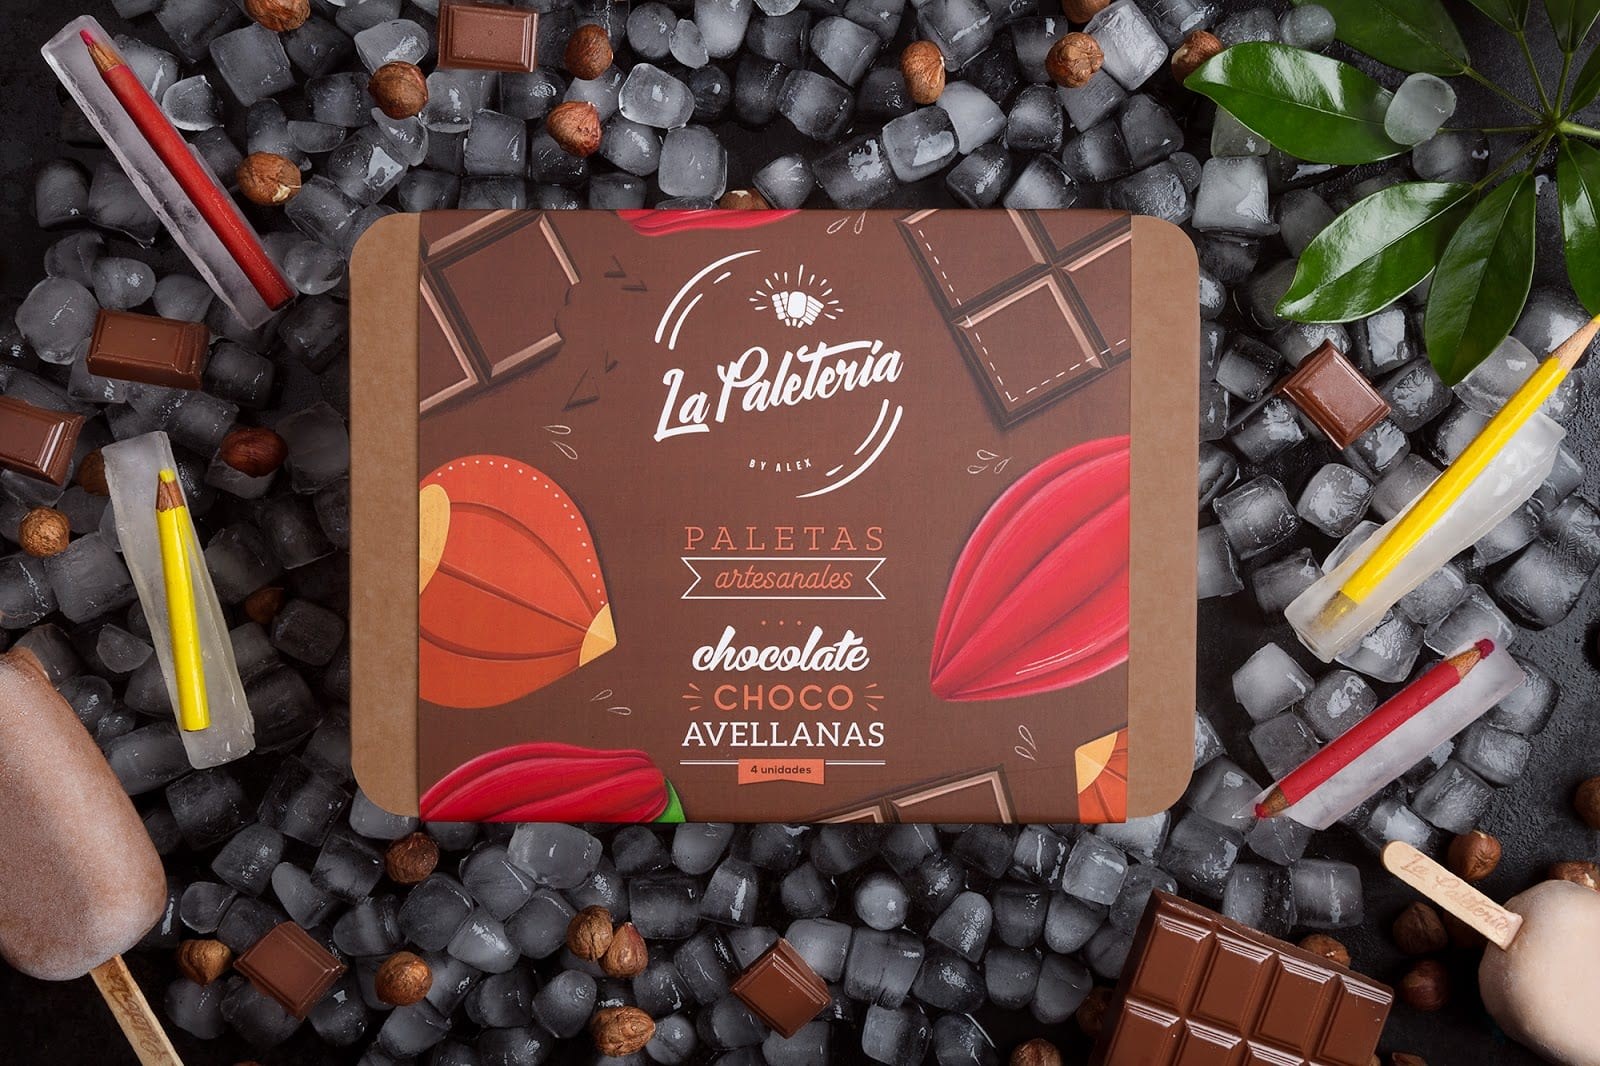 La Paletería 3 - Ach, tie obaly – La Paletería by Alex